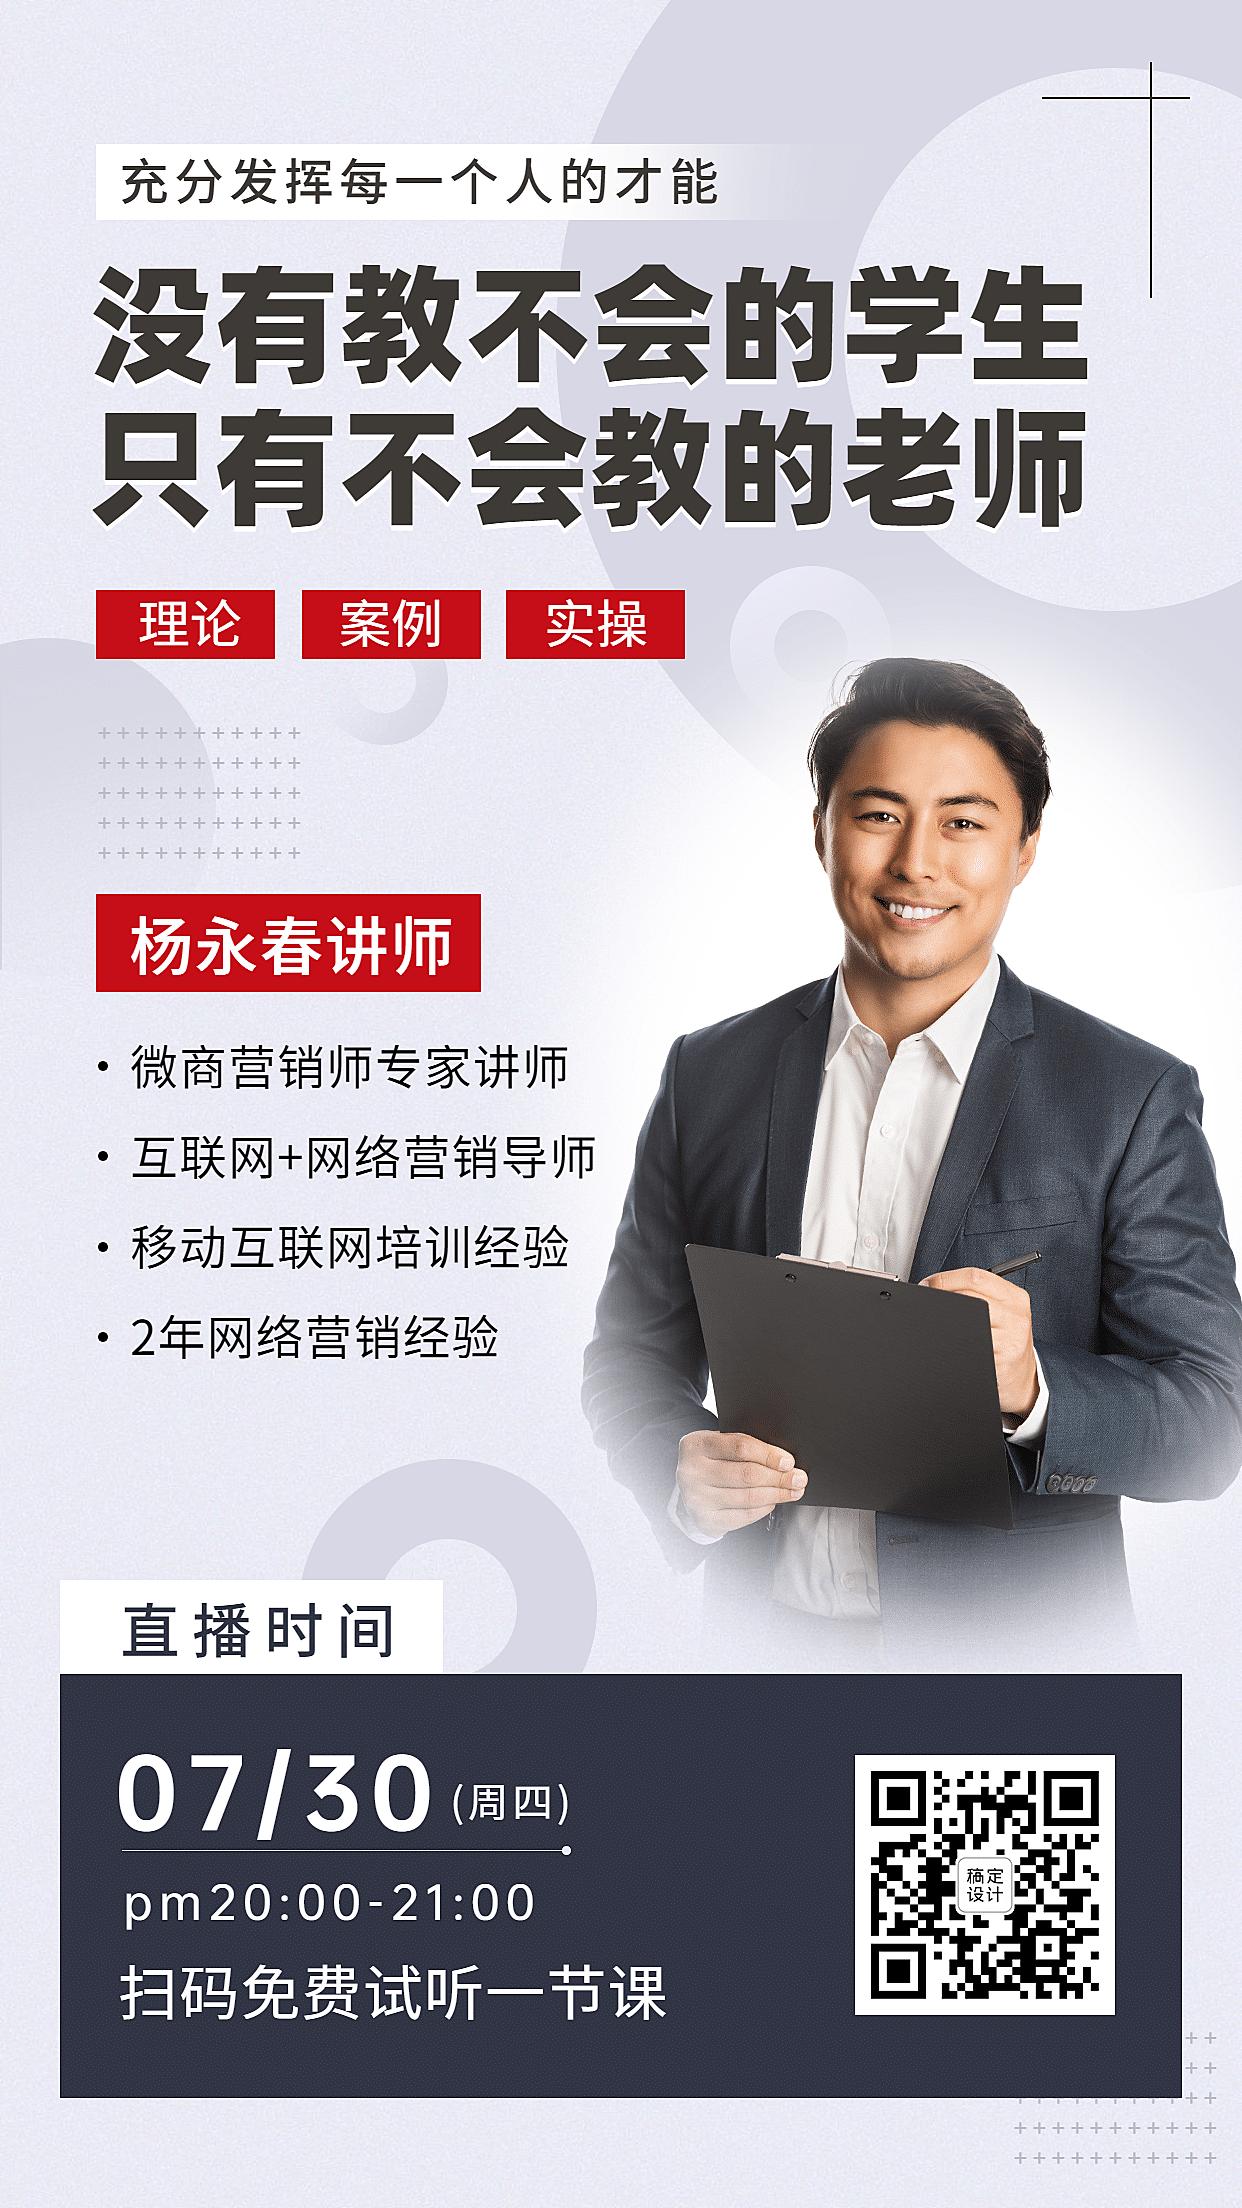 社交名片微商讲师多文字融图